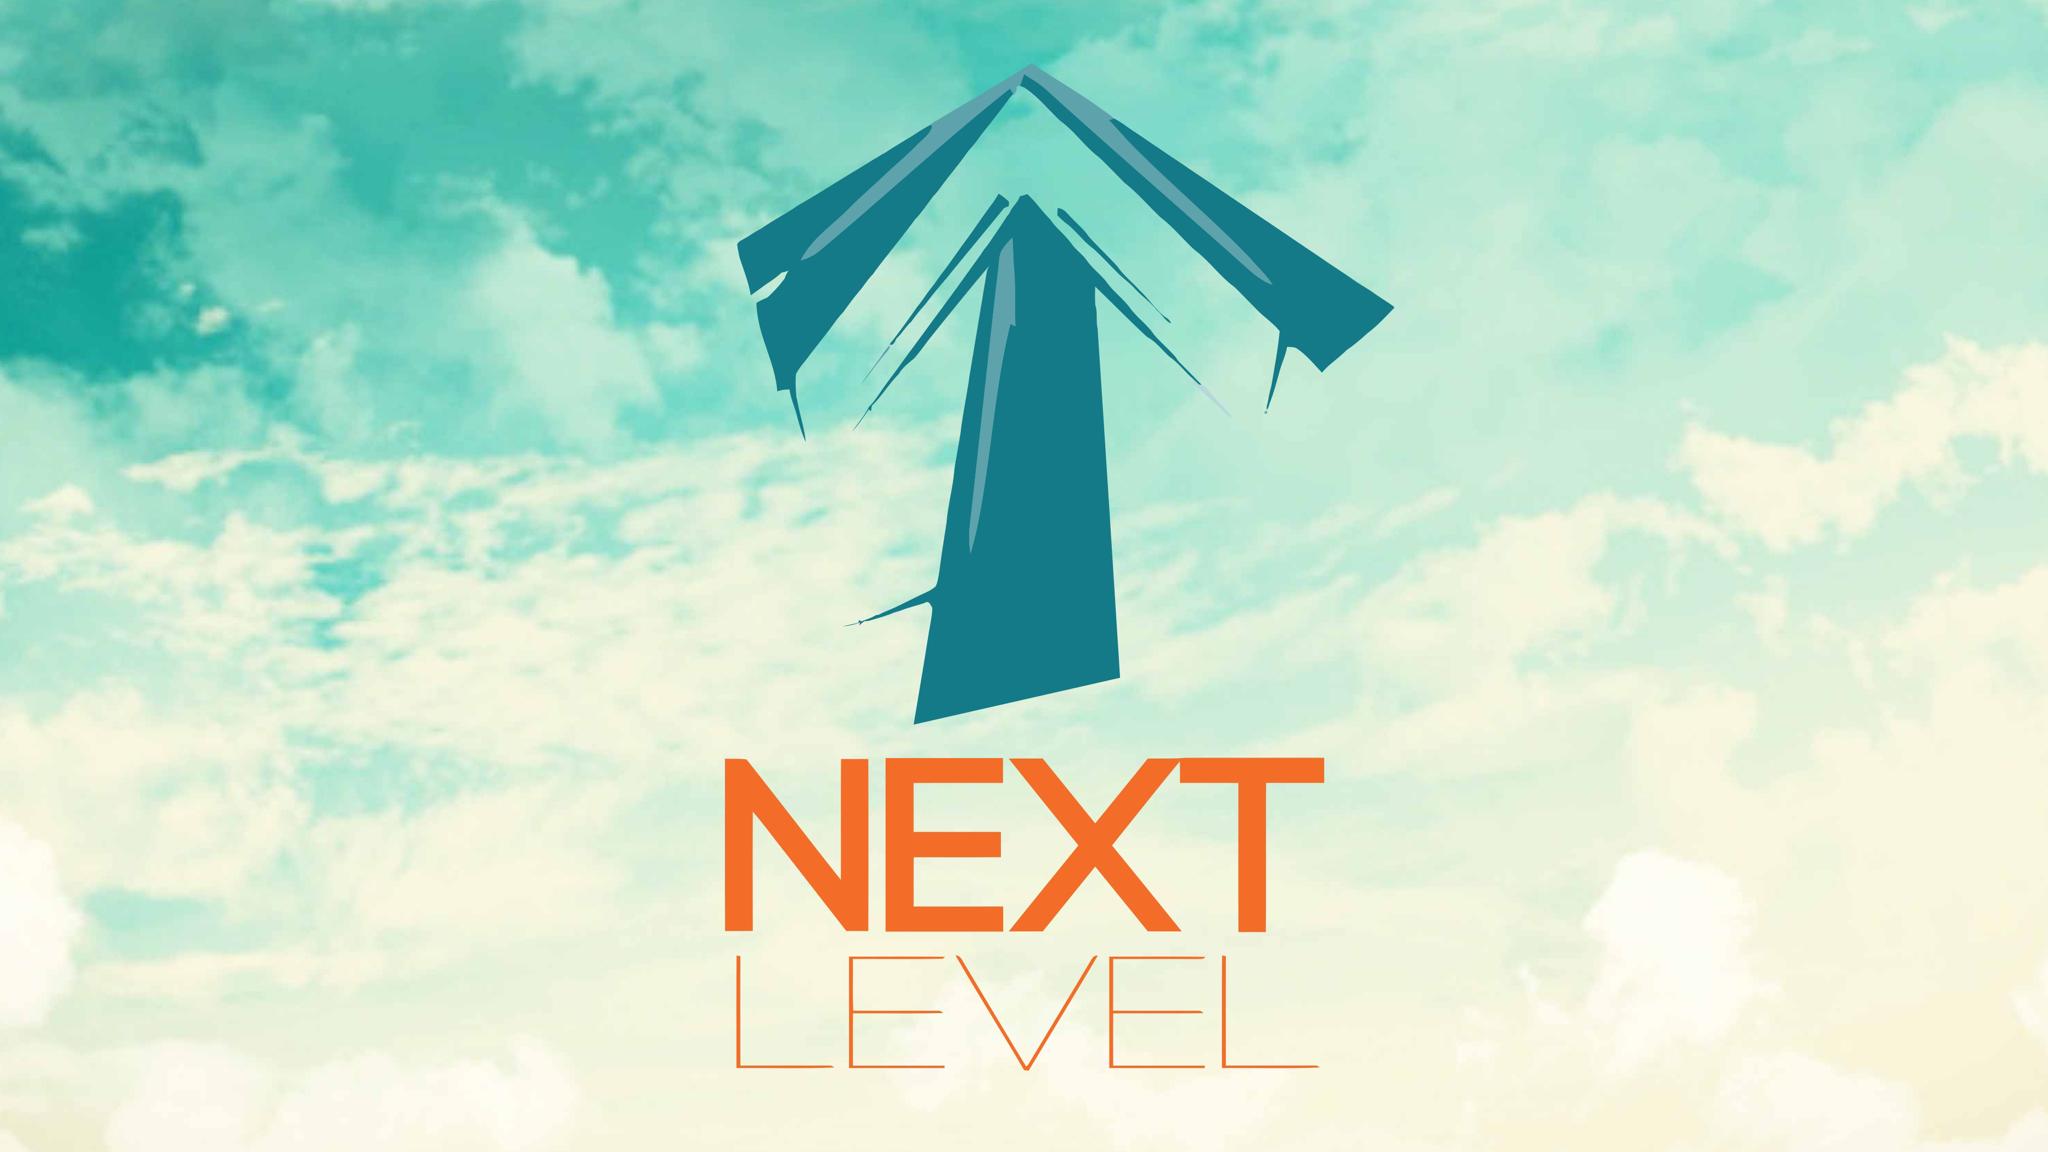 NextLevel.jpg